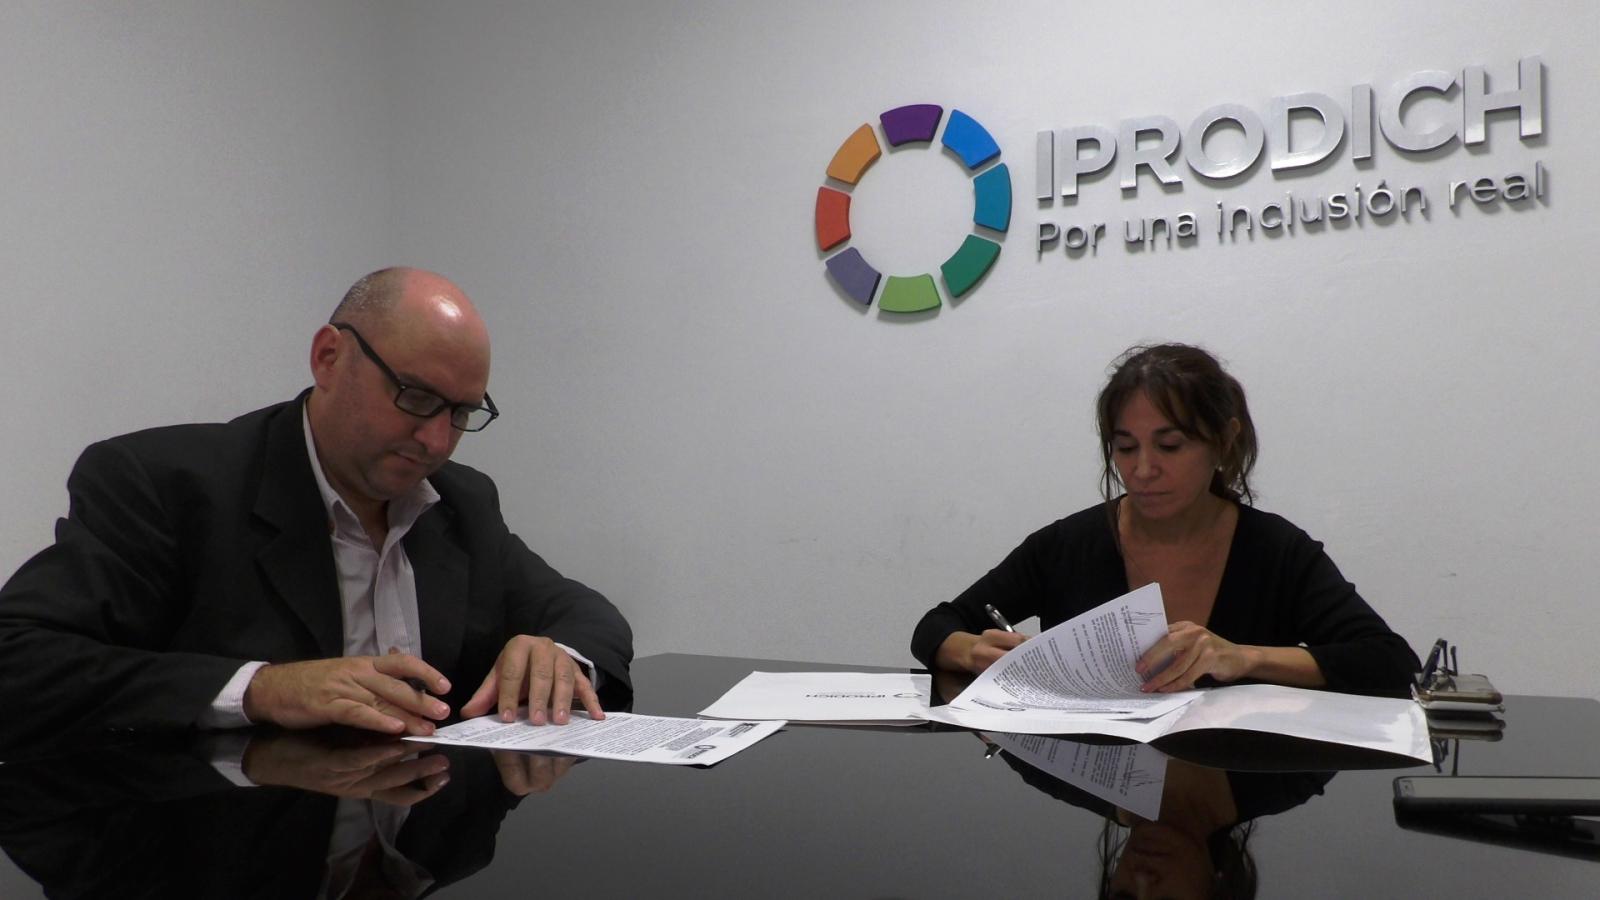 IPRODICH y UTN invitan a sumarse a Cursos gratuitos inclusivos de Informática